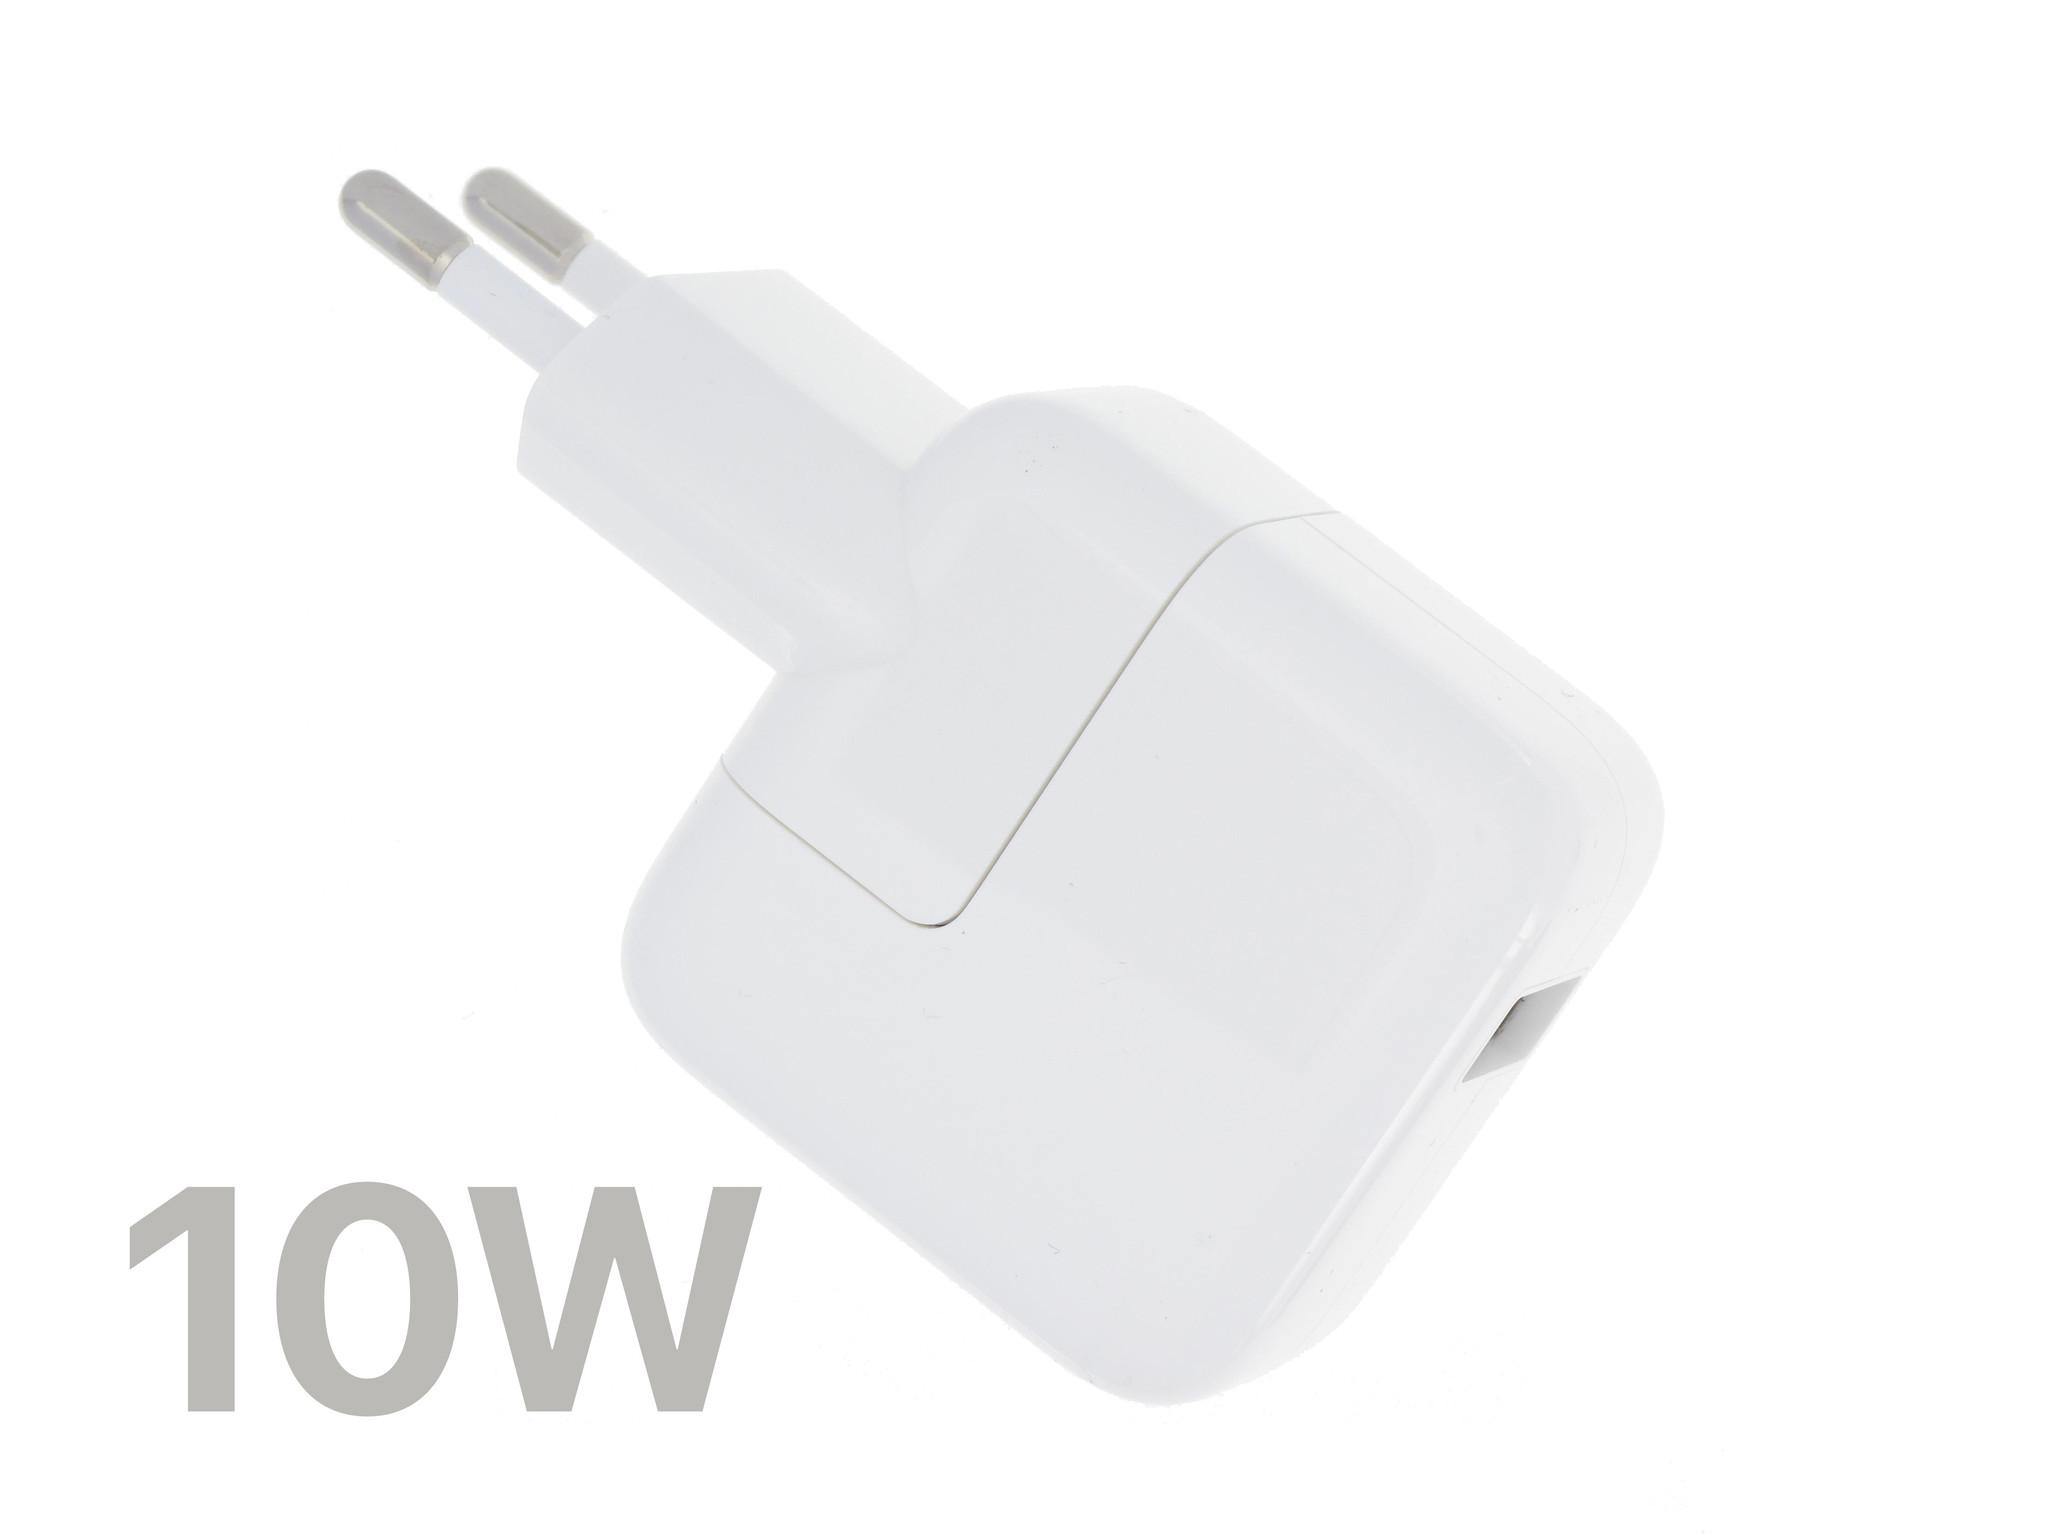 USB-Ladegerät Kompatibel Mit Dem Apple iPad, iPhone | 5.1V, 2.1A, 10W